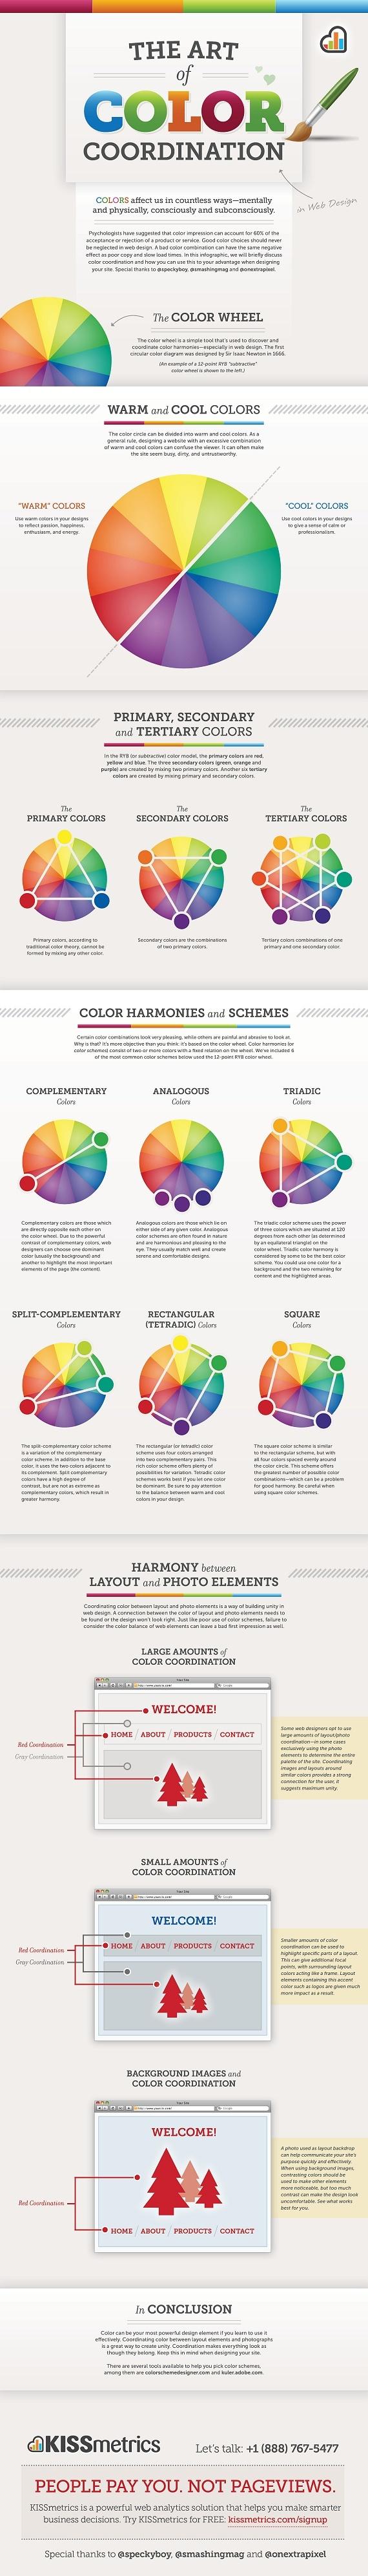 color-coordination in web design